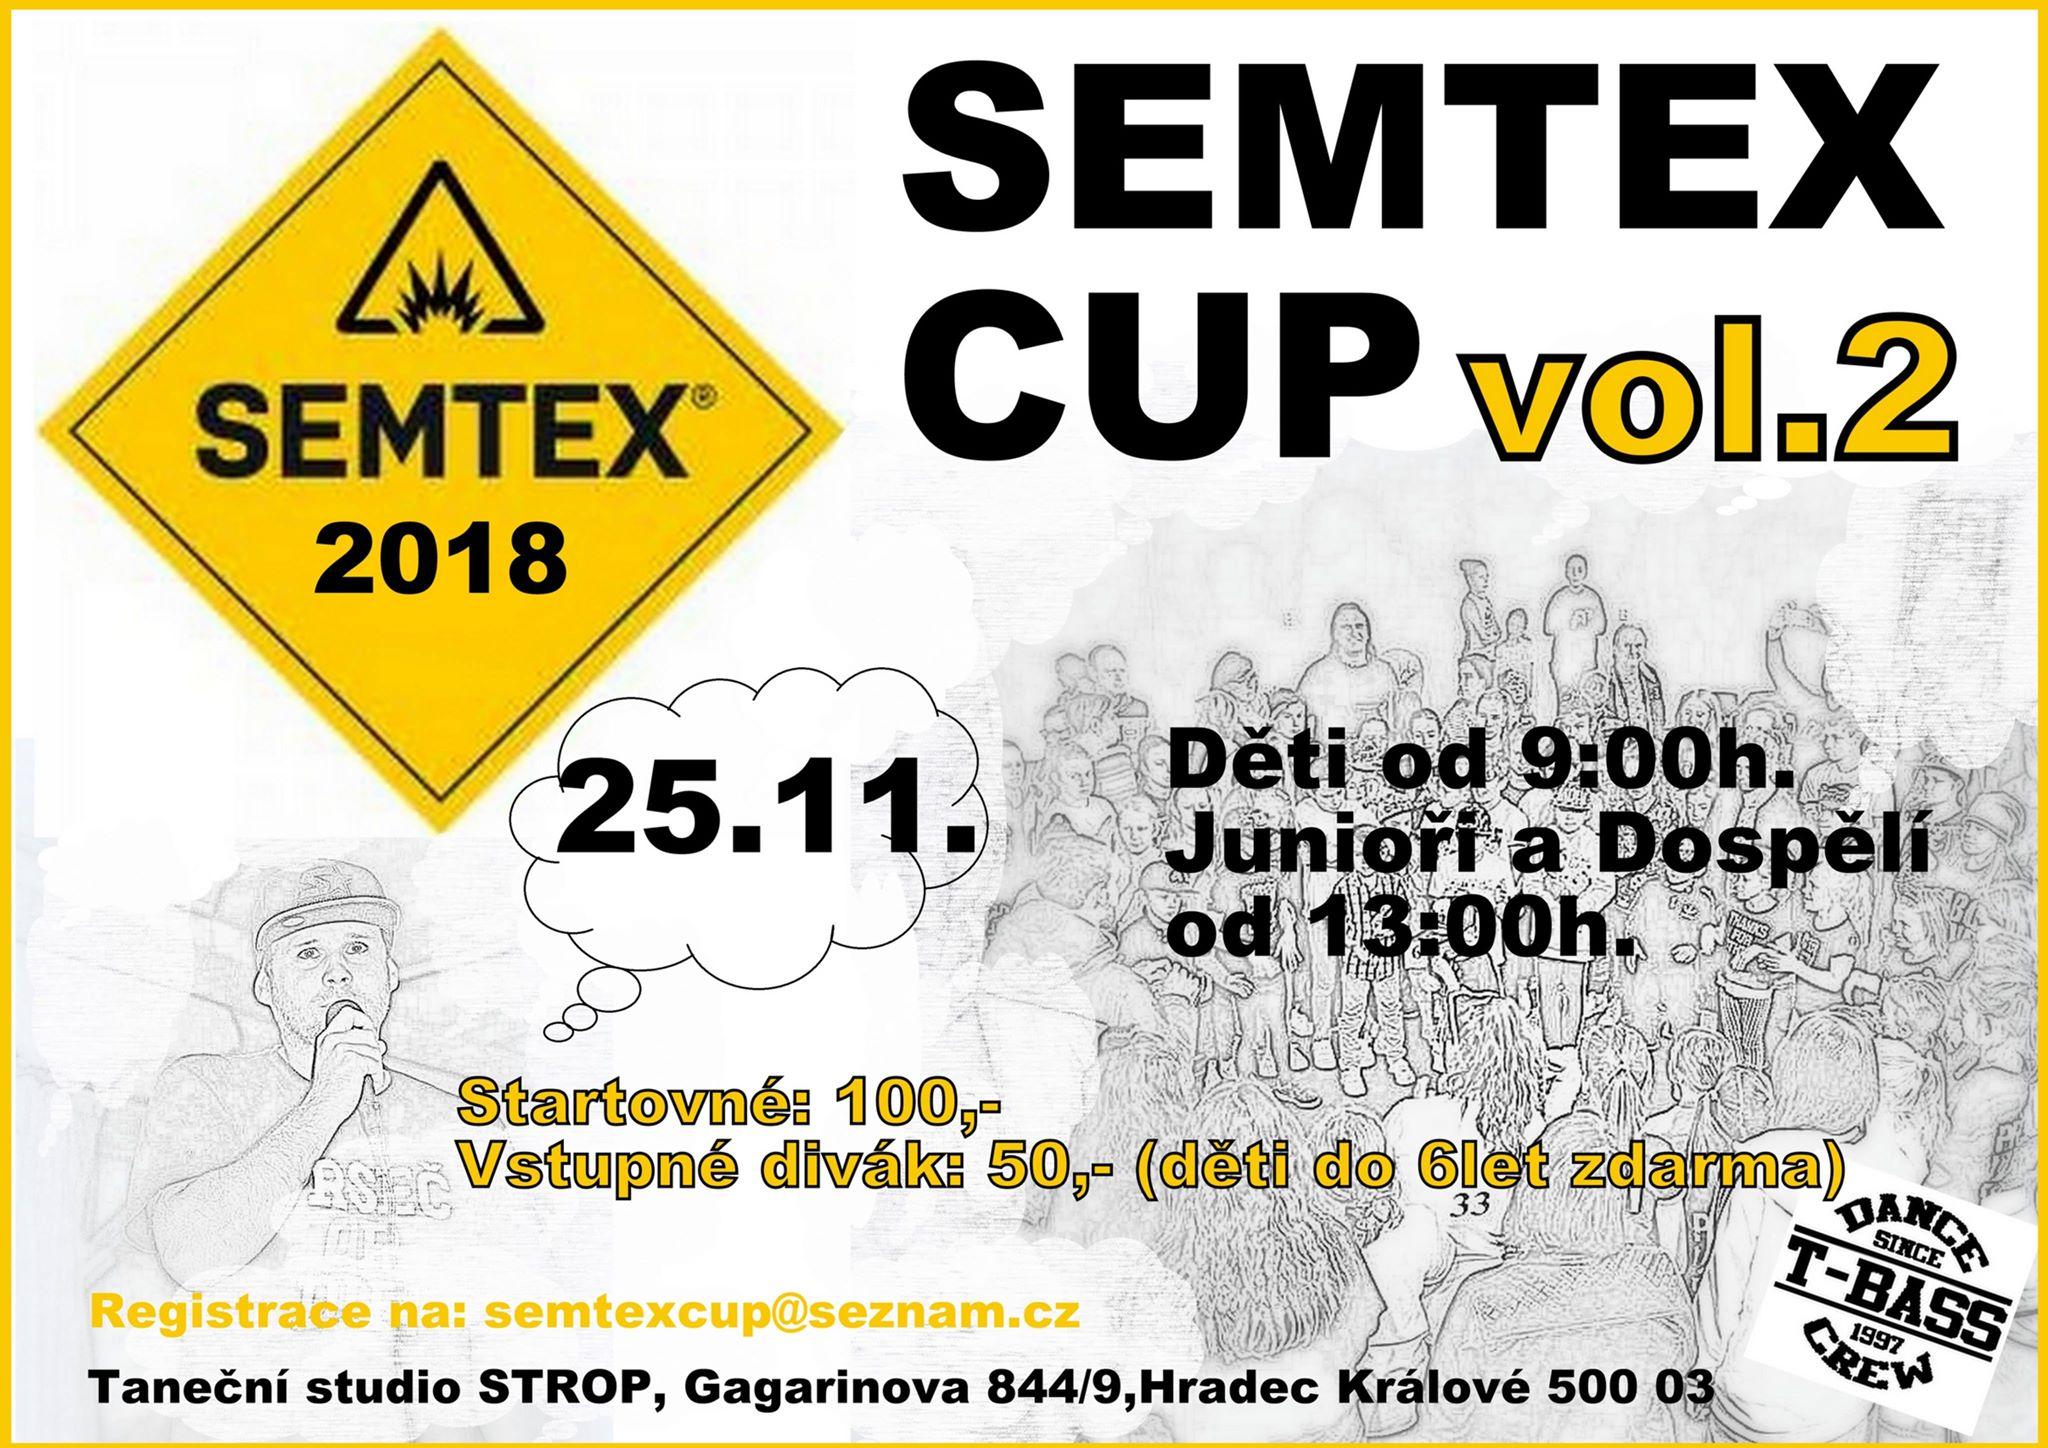 SEMTEX CUP vol.2